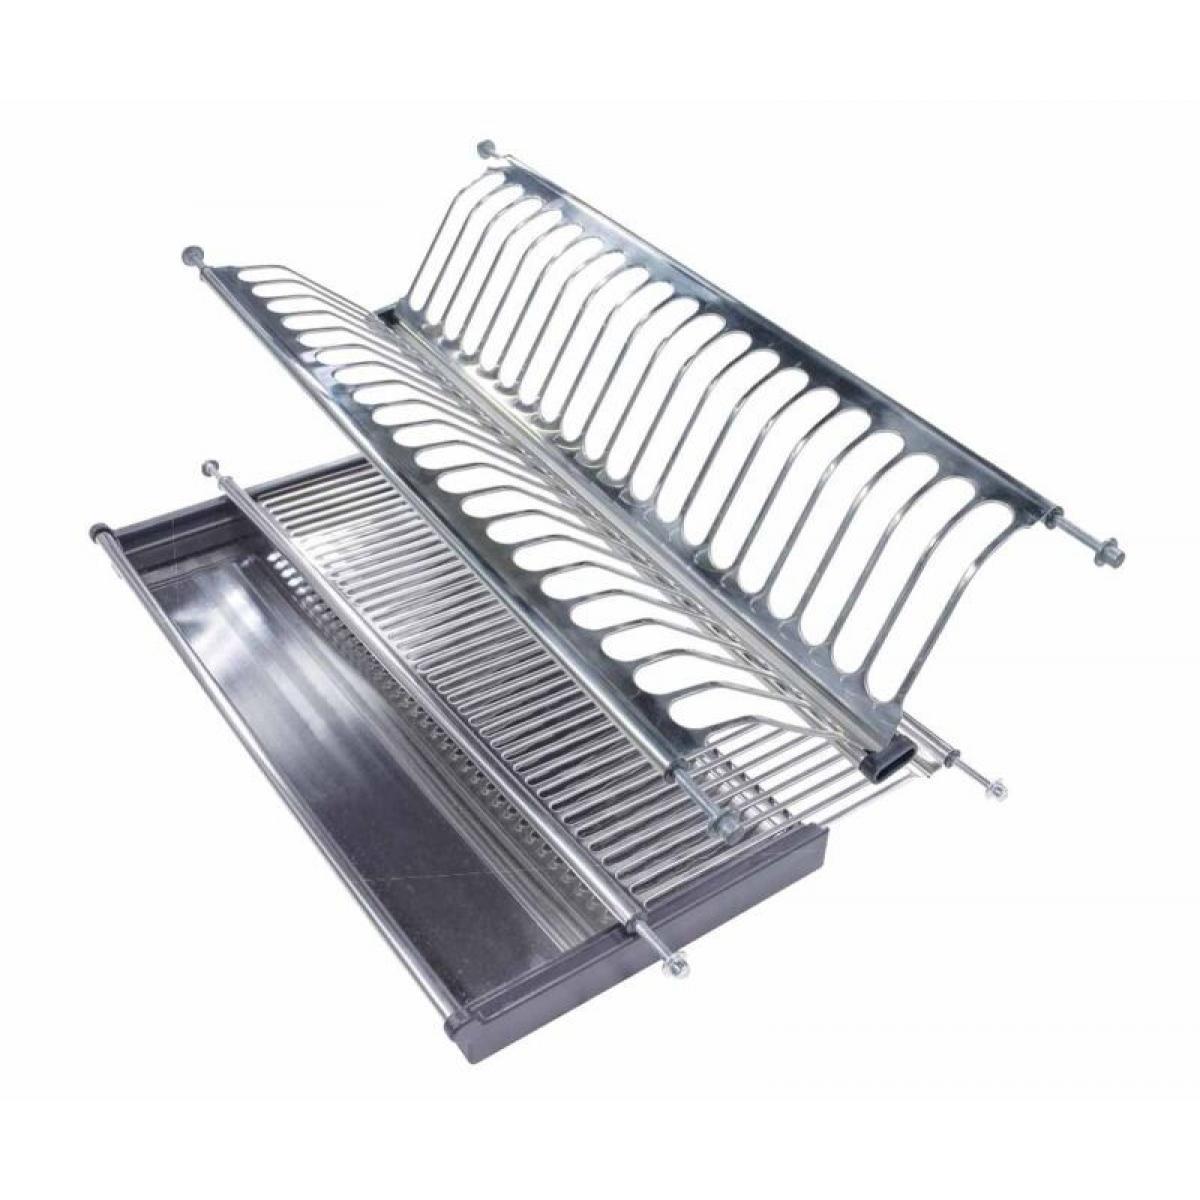 Сушка для посуды 501 для модуля 600мм сталь нерж.